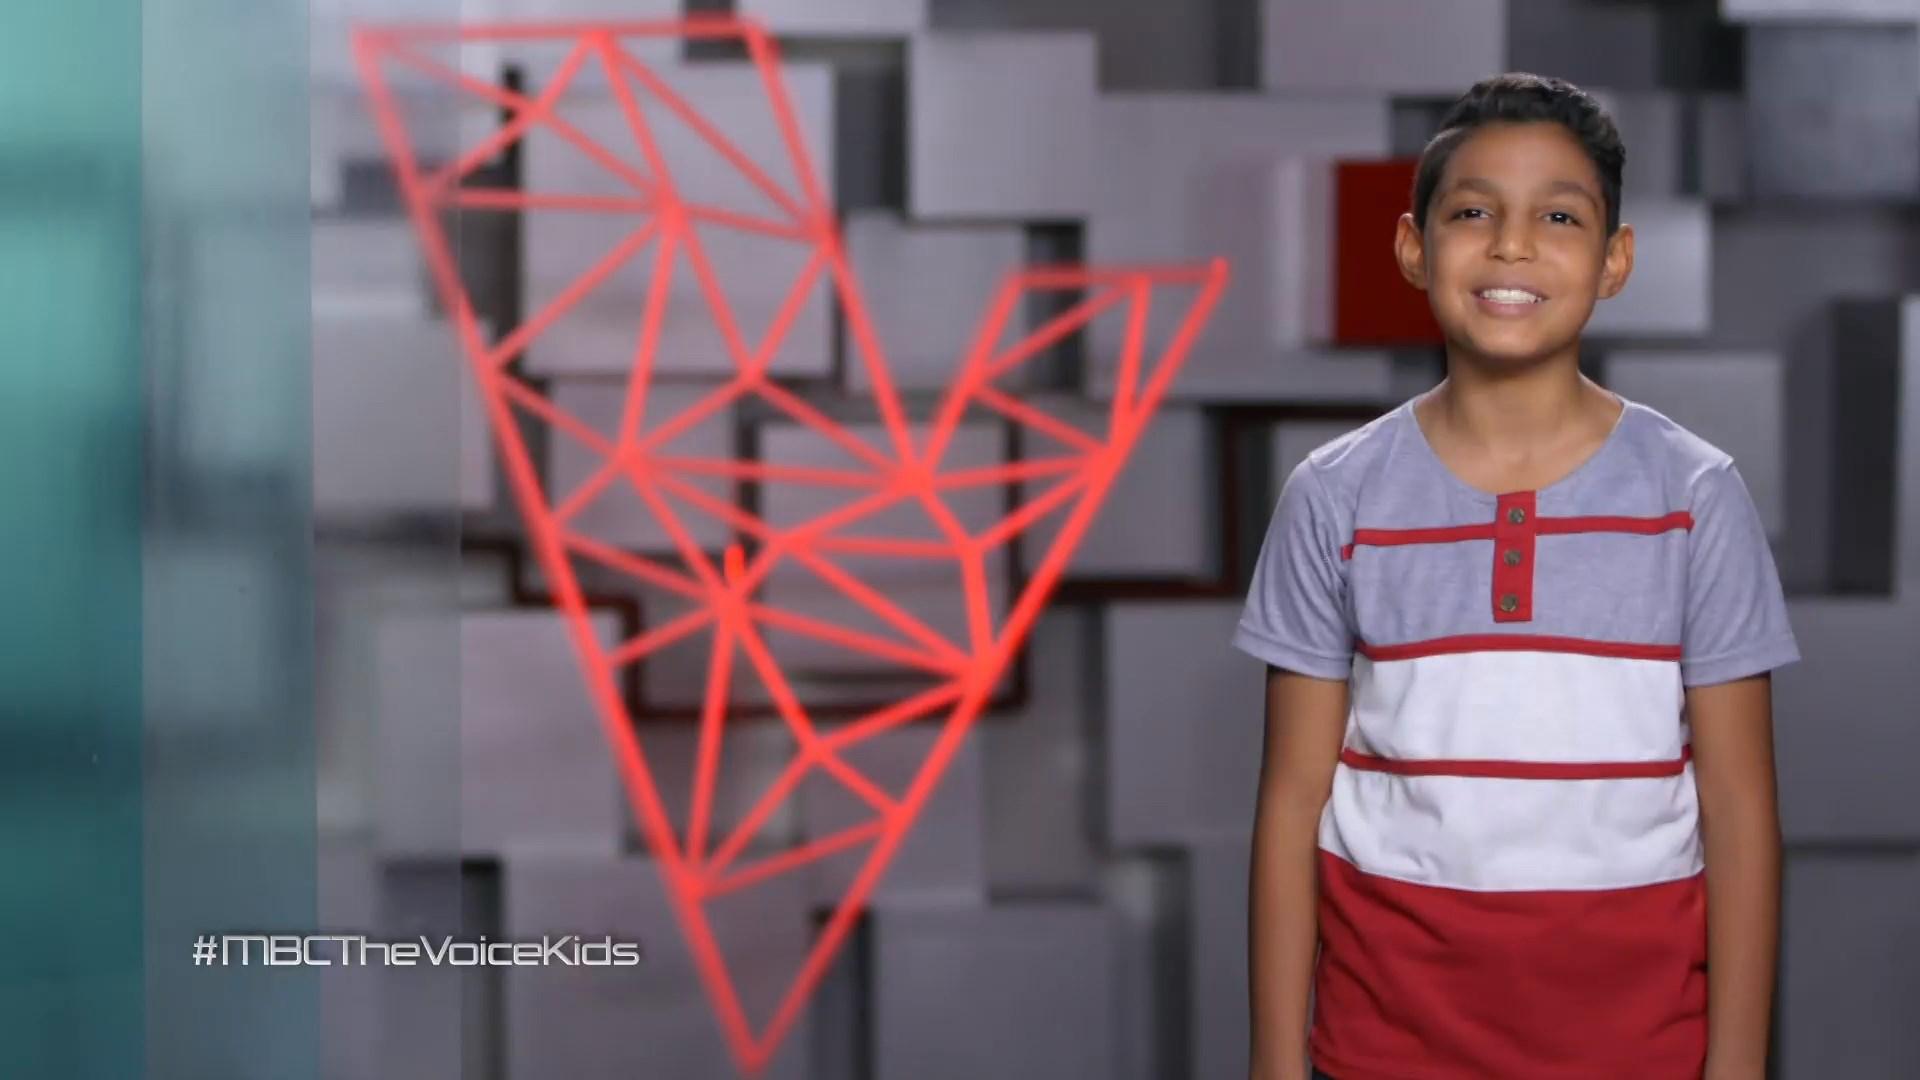 The Voice Kids احلى صوت [ الموسم 3 ] [ الحلقة 4 ] تحميل تورنت 4 arabp2p.com